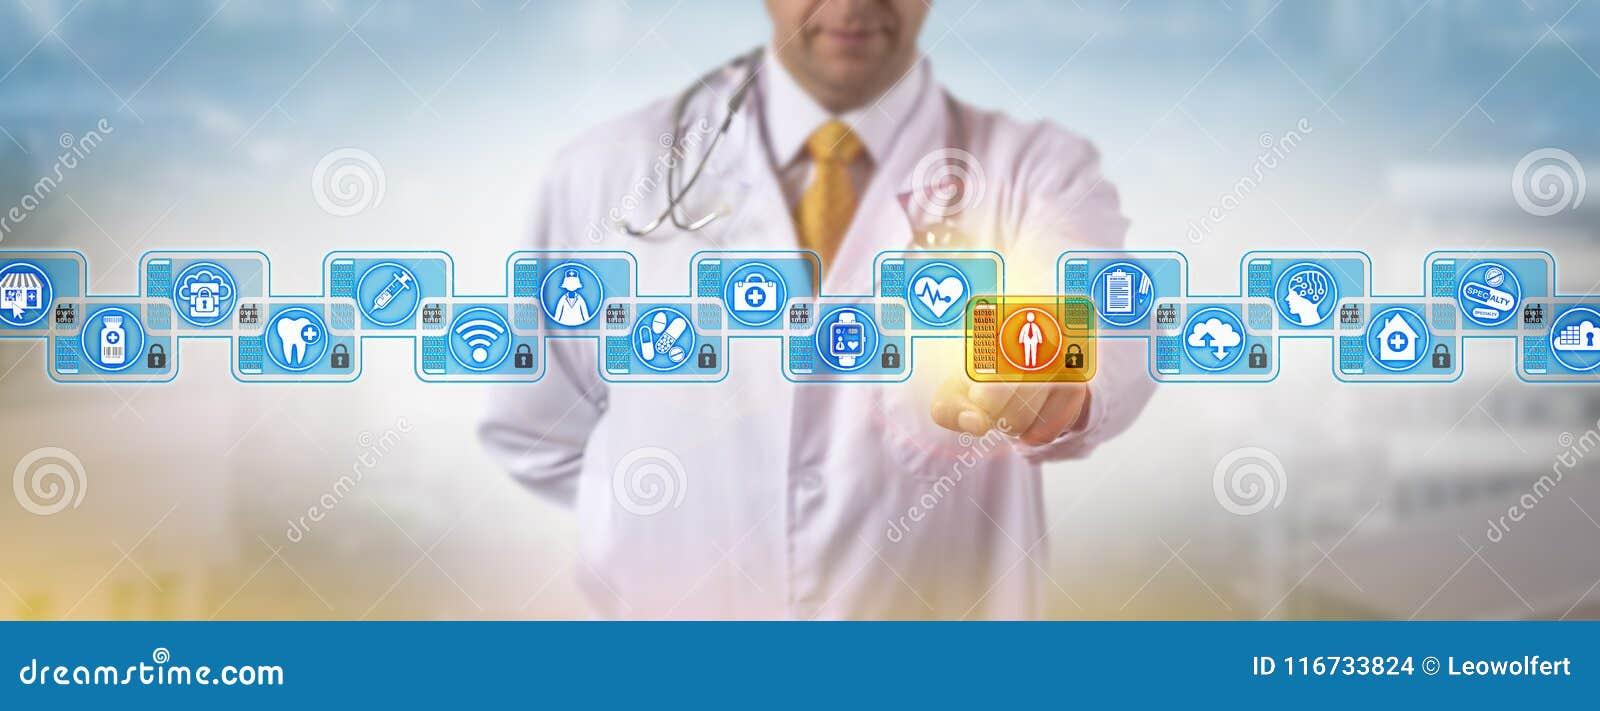 Identifiez-vous Blockchain de docteur Accessing Male Patient